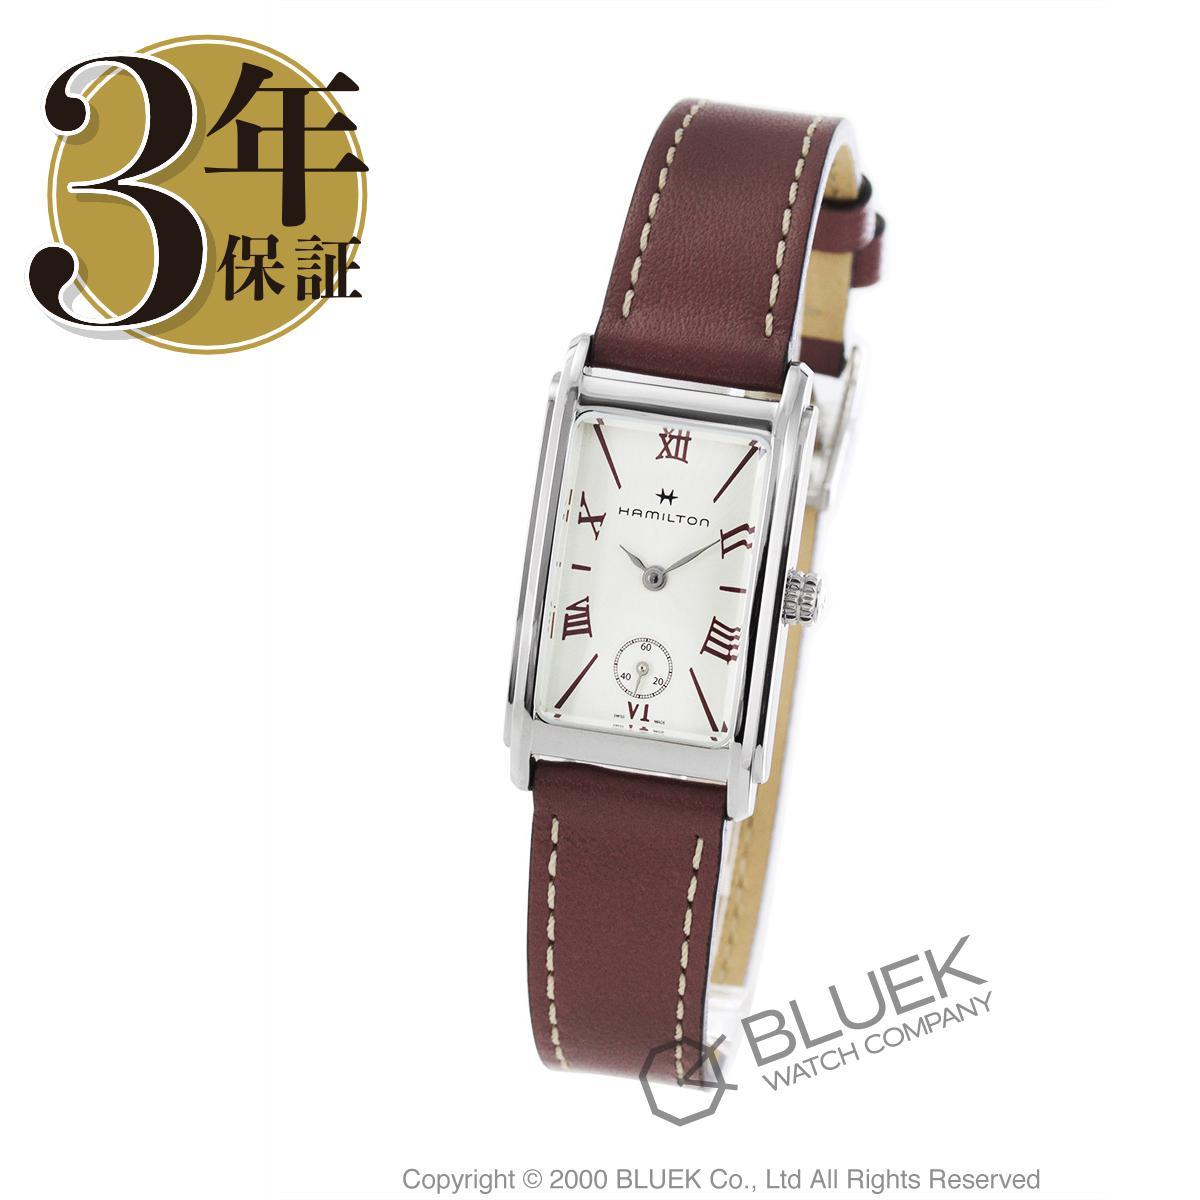 ハミルトン アードモア 腕時計 レディース HAMILTON H11221814_8 バーゲン ギフト プレゼント